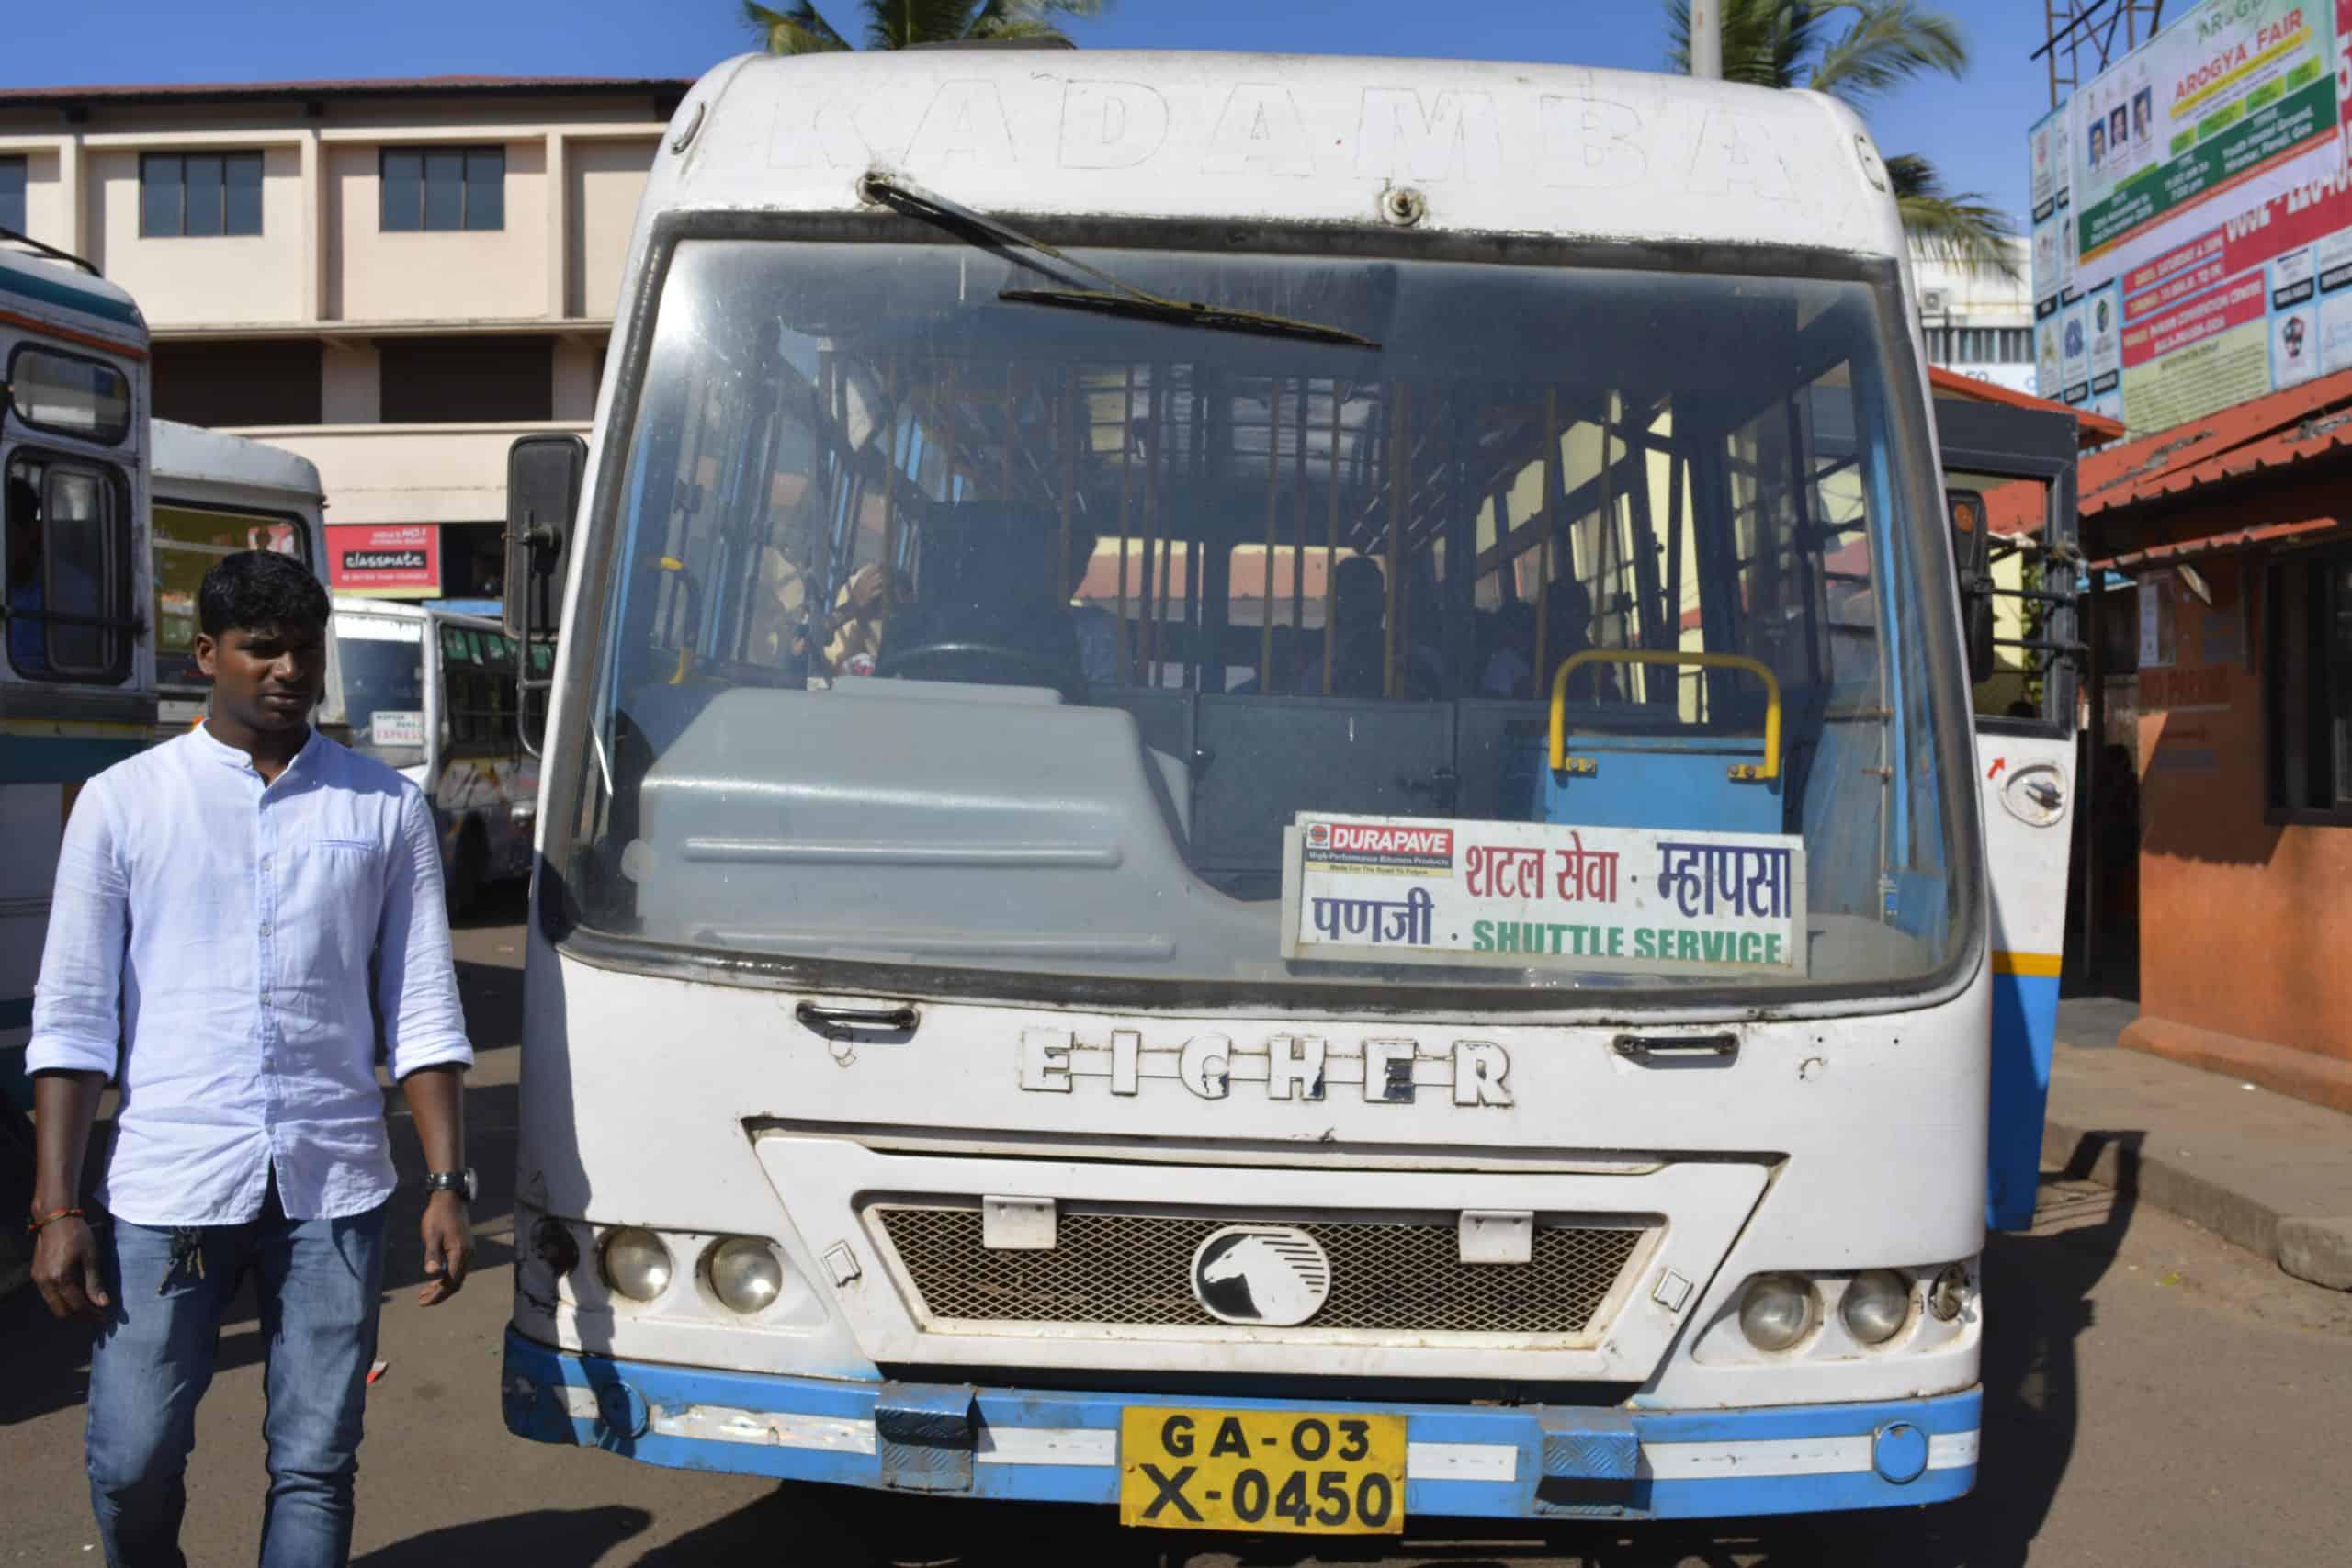 goa bus service